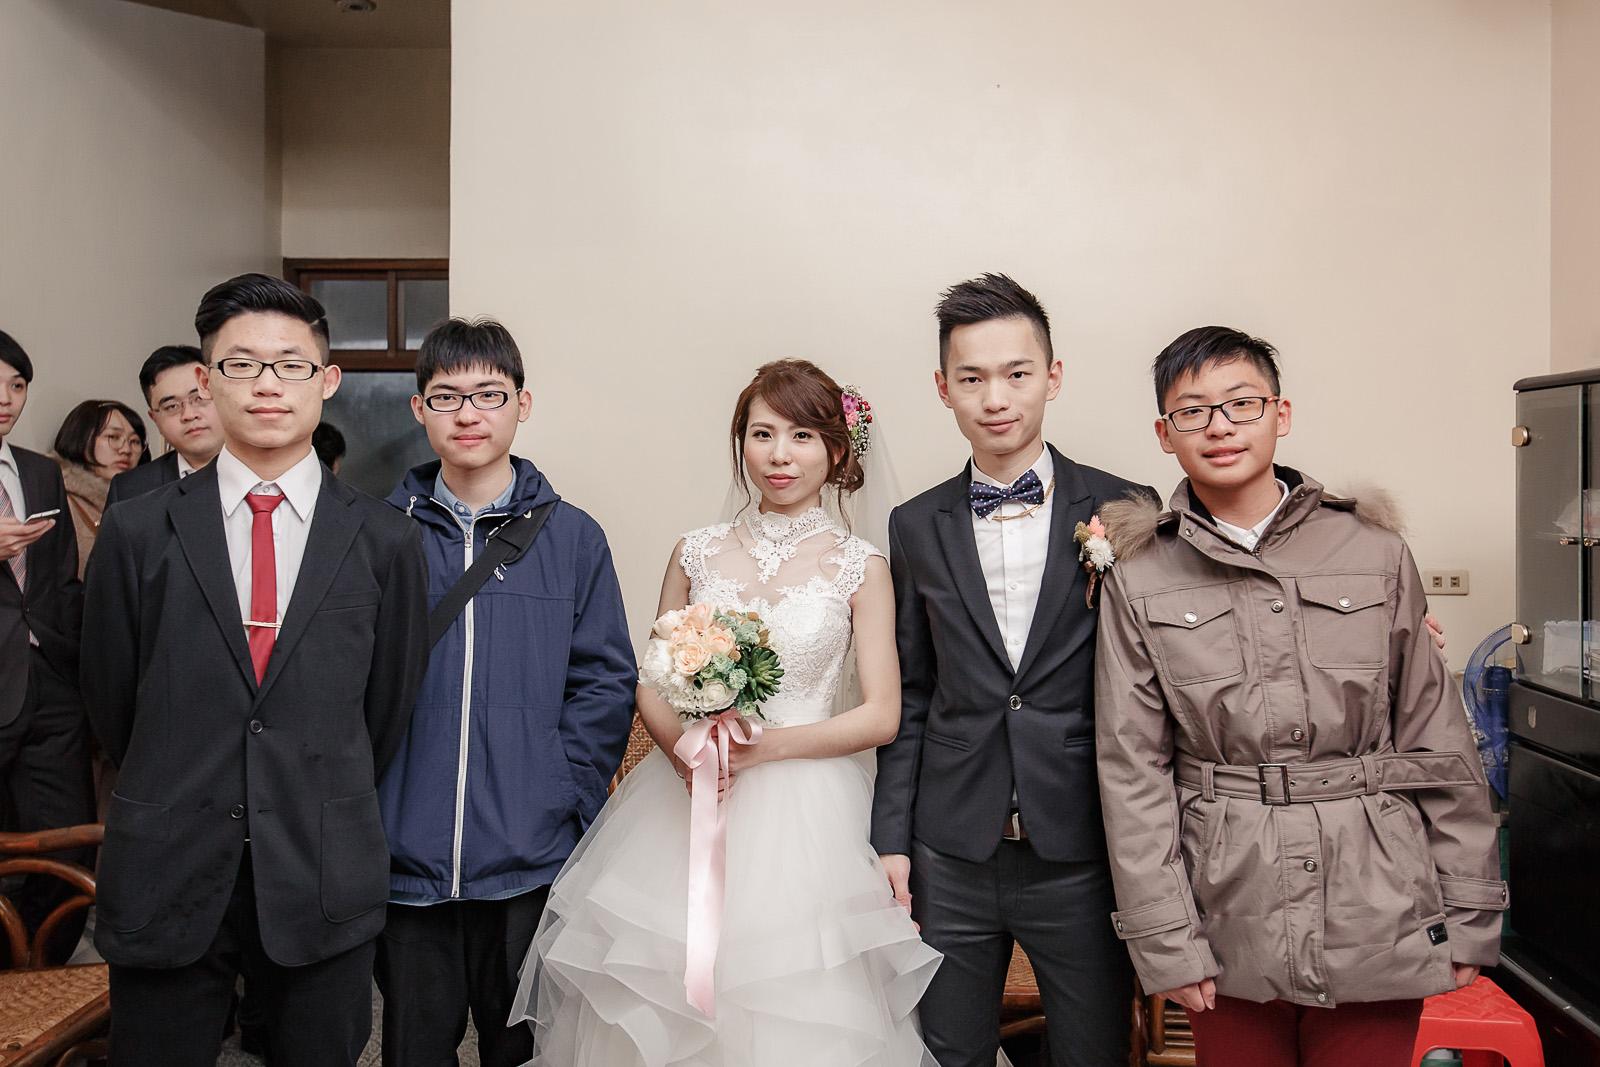 高雄圓山飯店,婚禮攝影,婚攝,高雄婚攝,優質婚攝推薦,Jen&Ethan-195